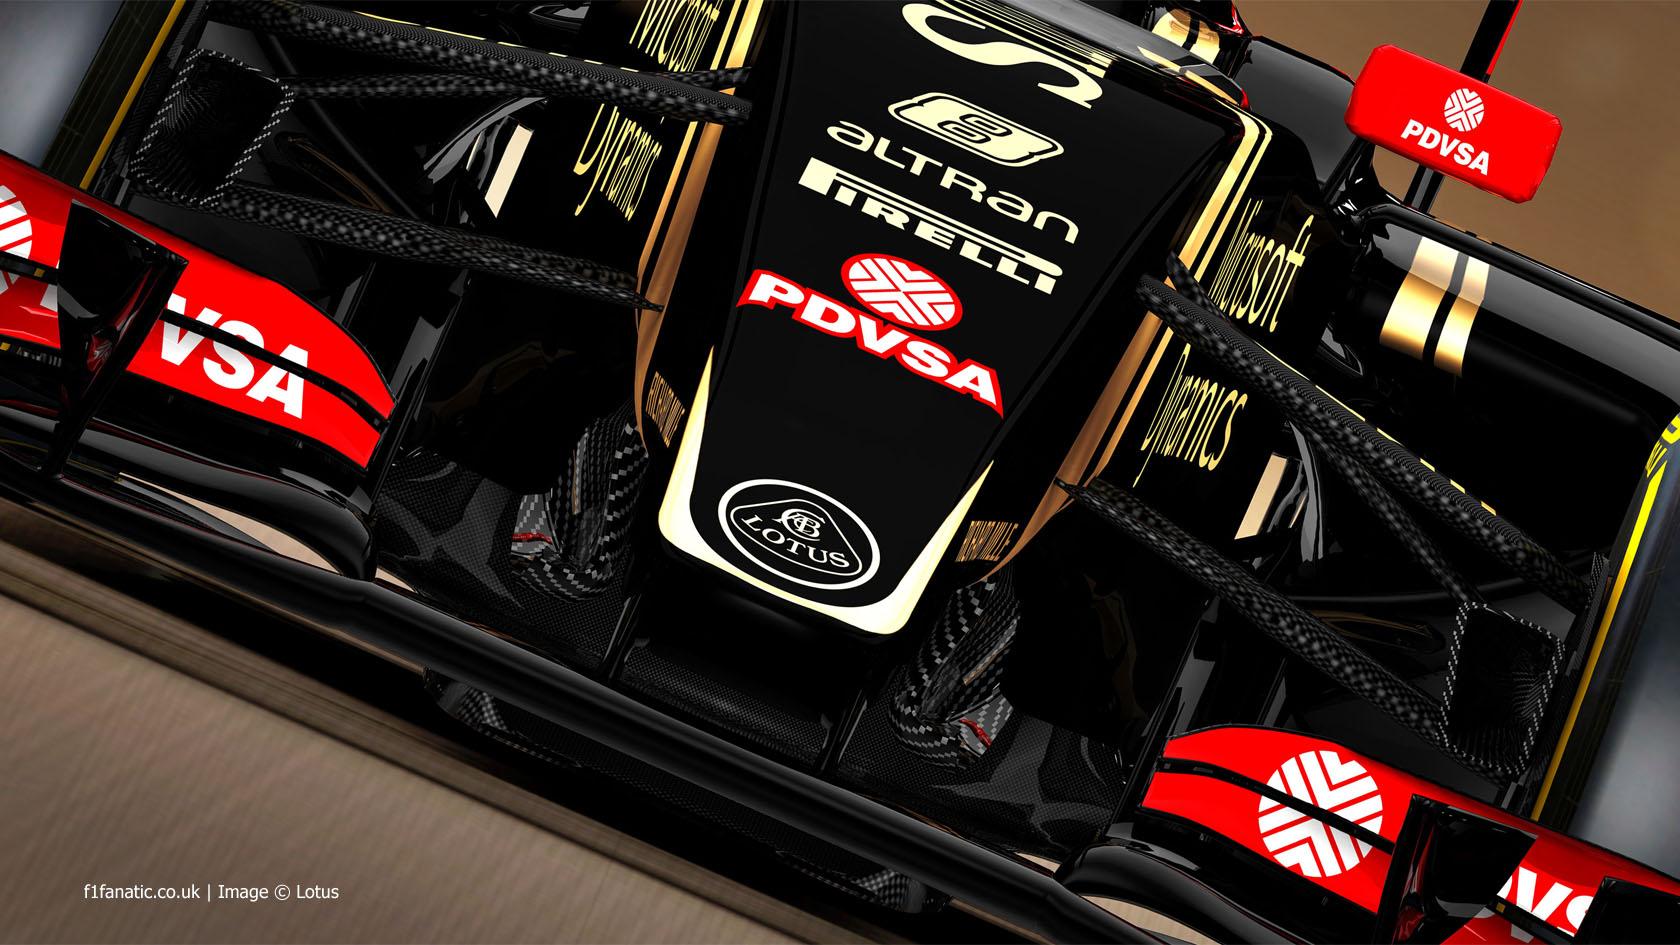 Temporada F1 2015 Lotus-e23-detail-5